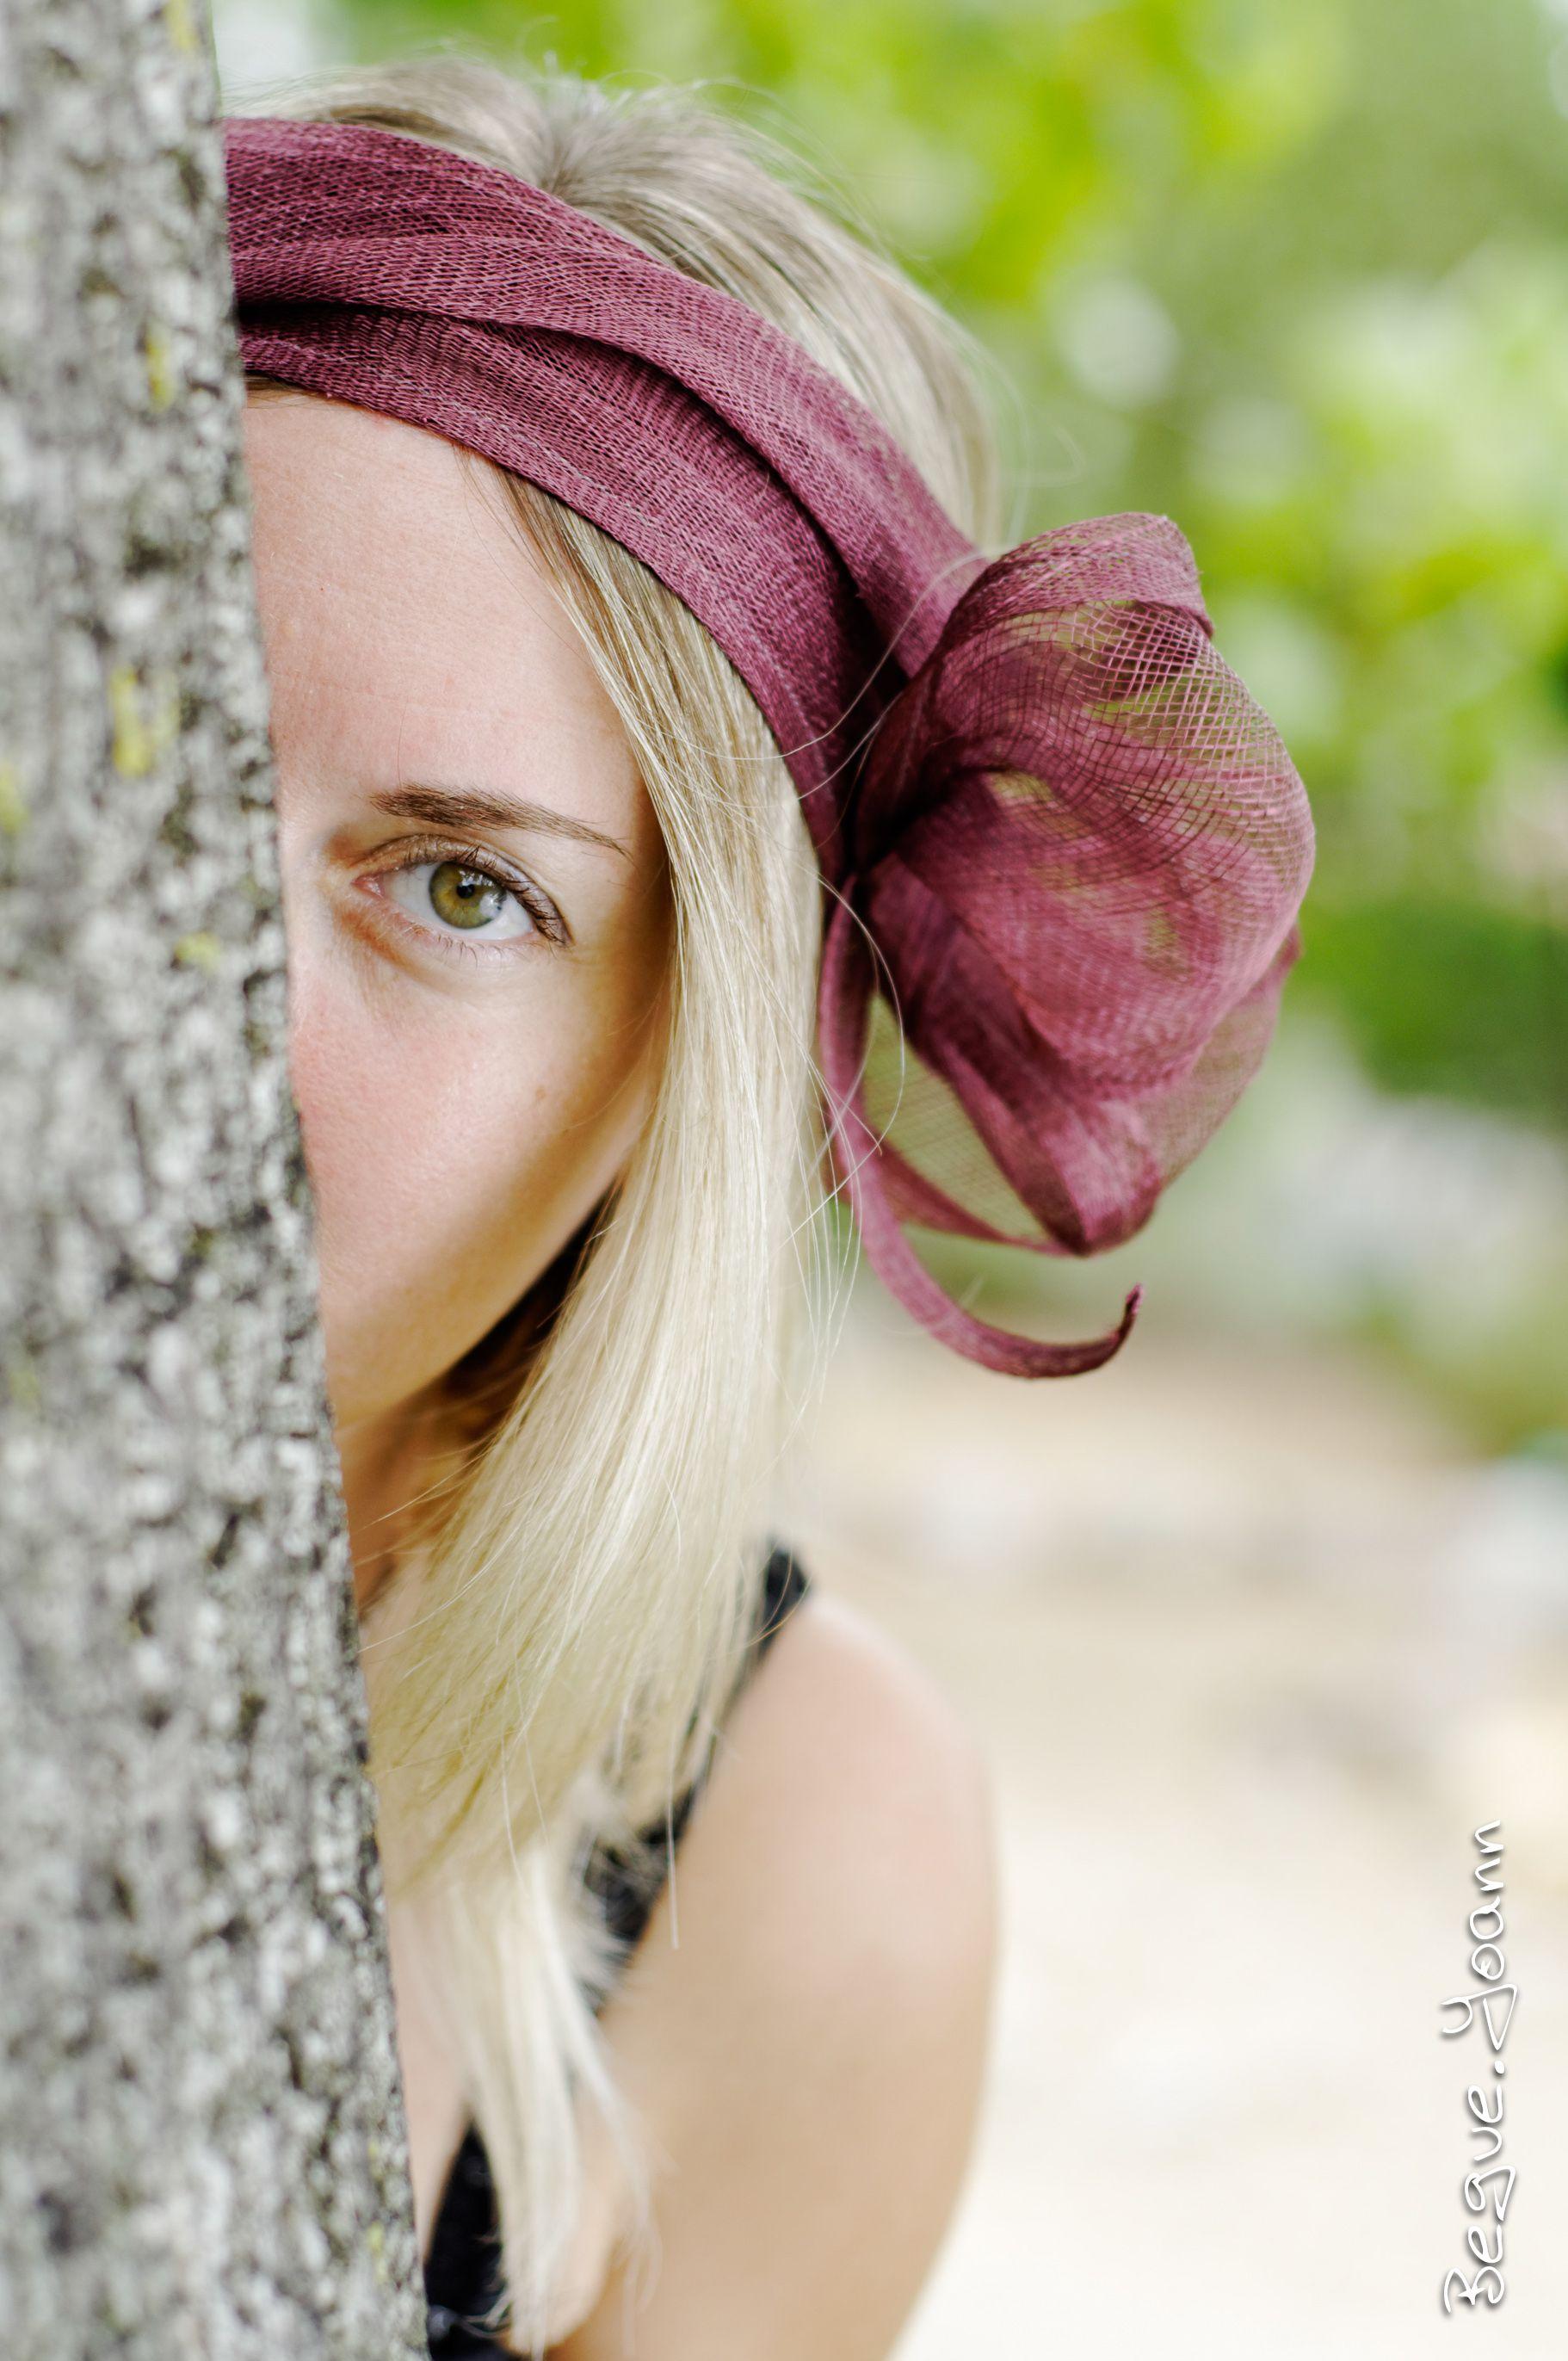 Bandeaux de cérémonie prune - Lady Chapearly Photographie : Studio Graou